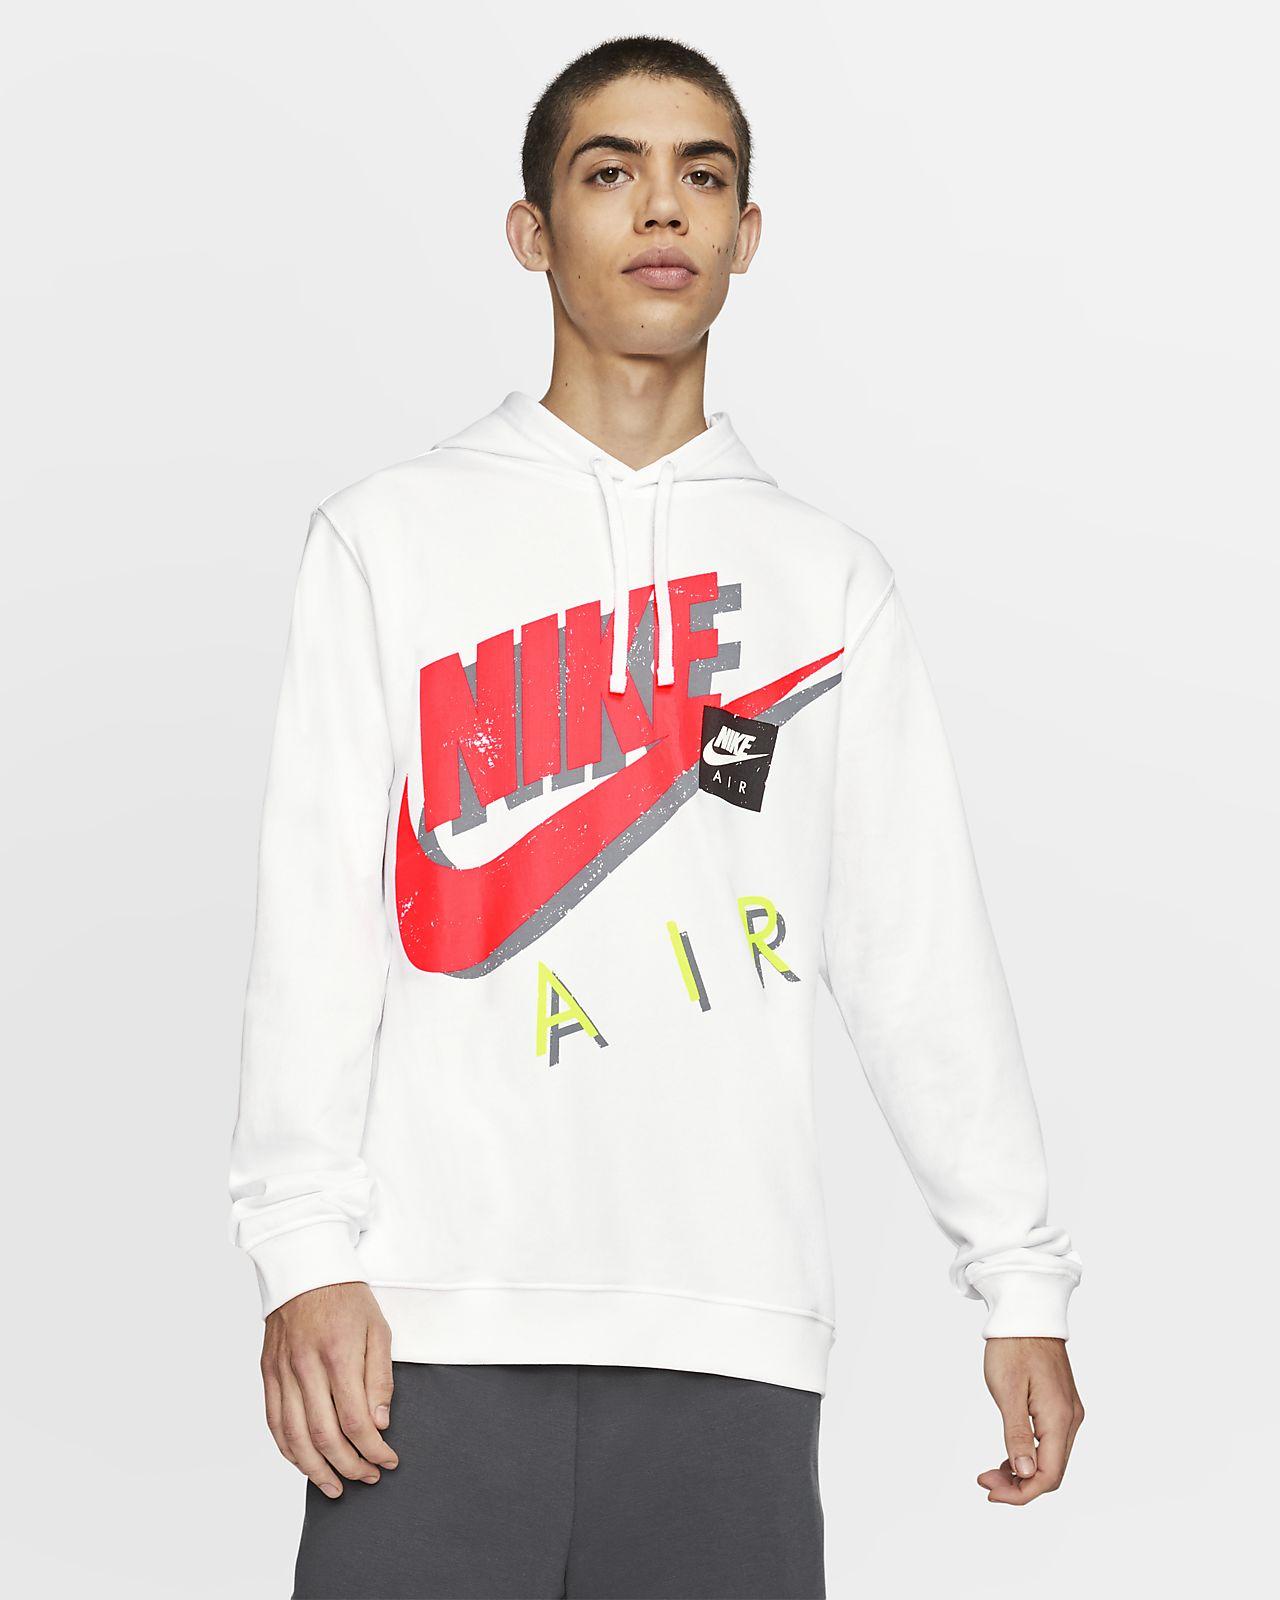 Pánská mikina Nike Sportswear s kapucí